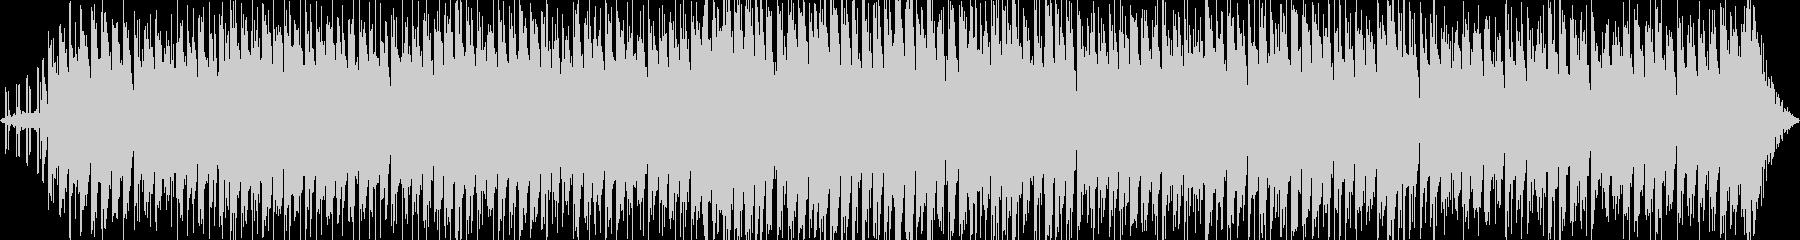 かわいい感じのエレクトロポップスの未再生の波形